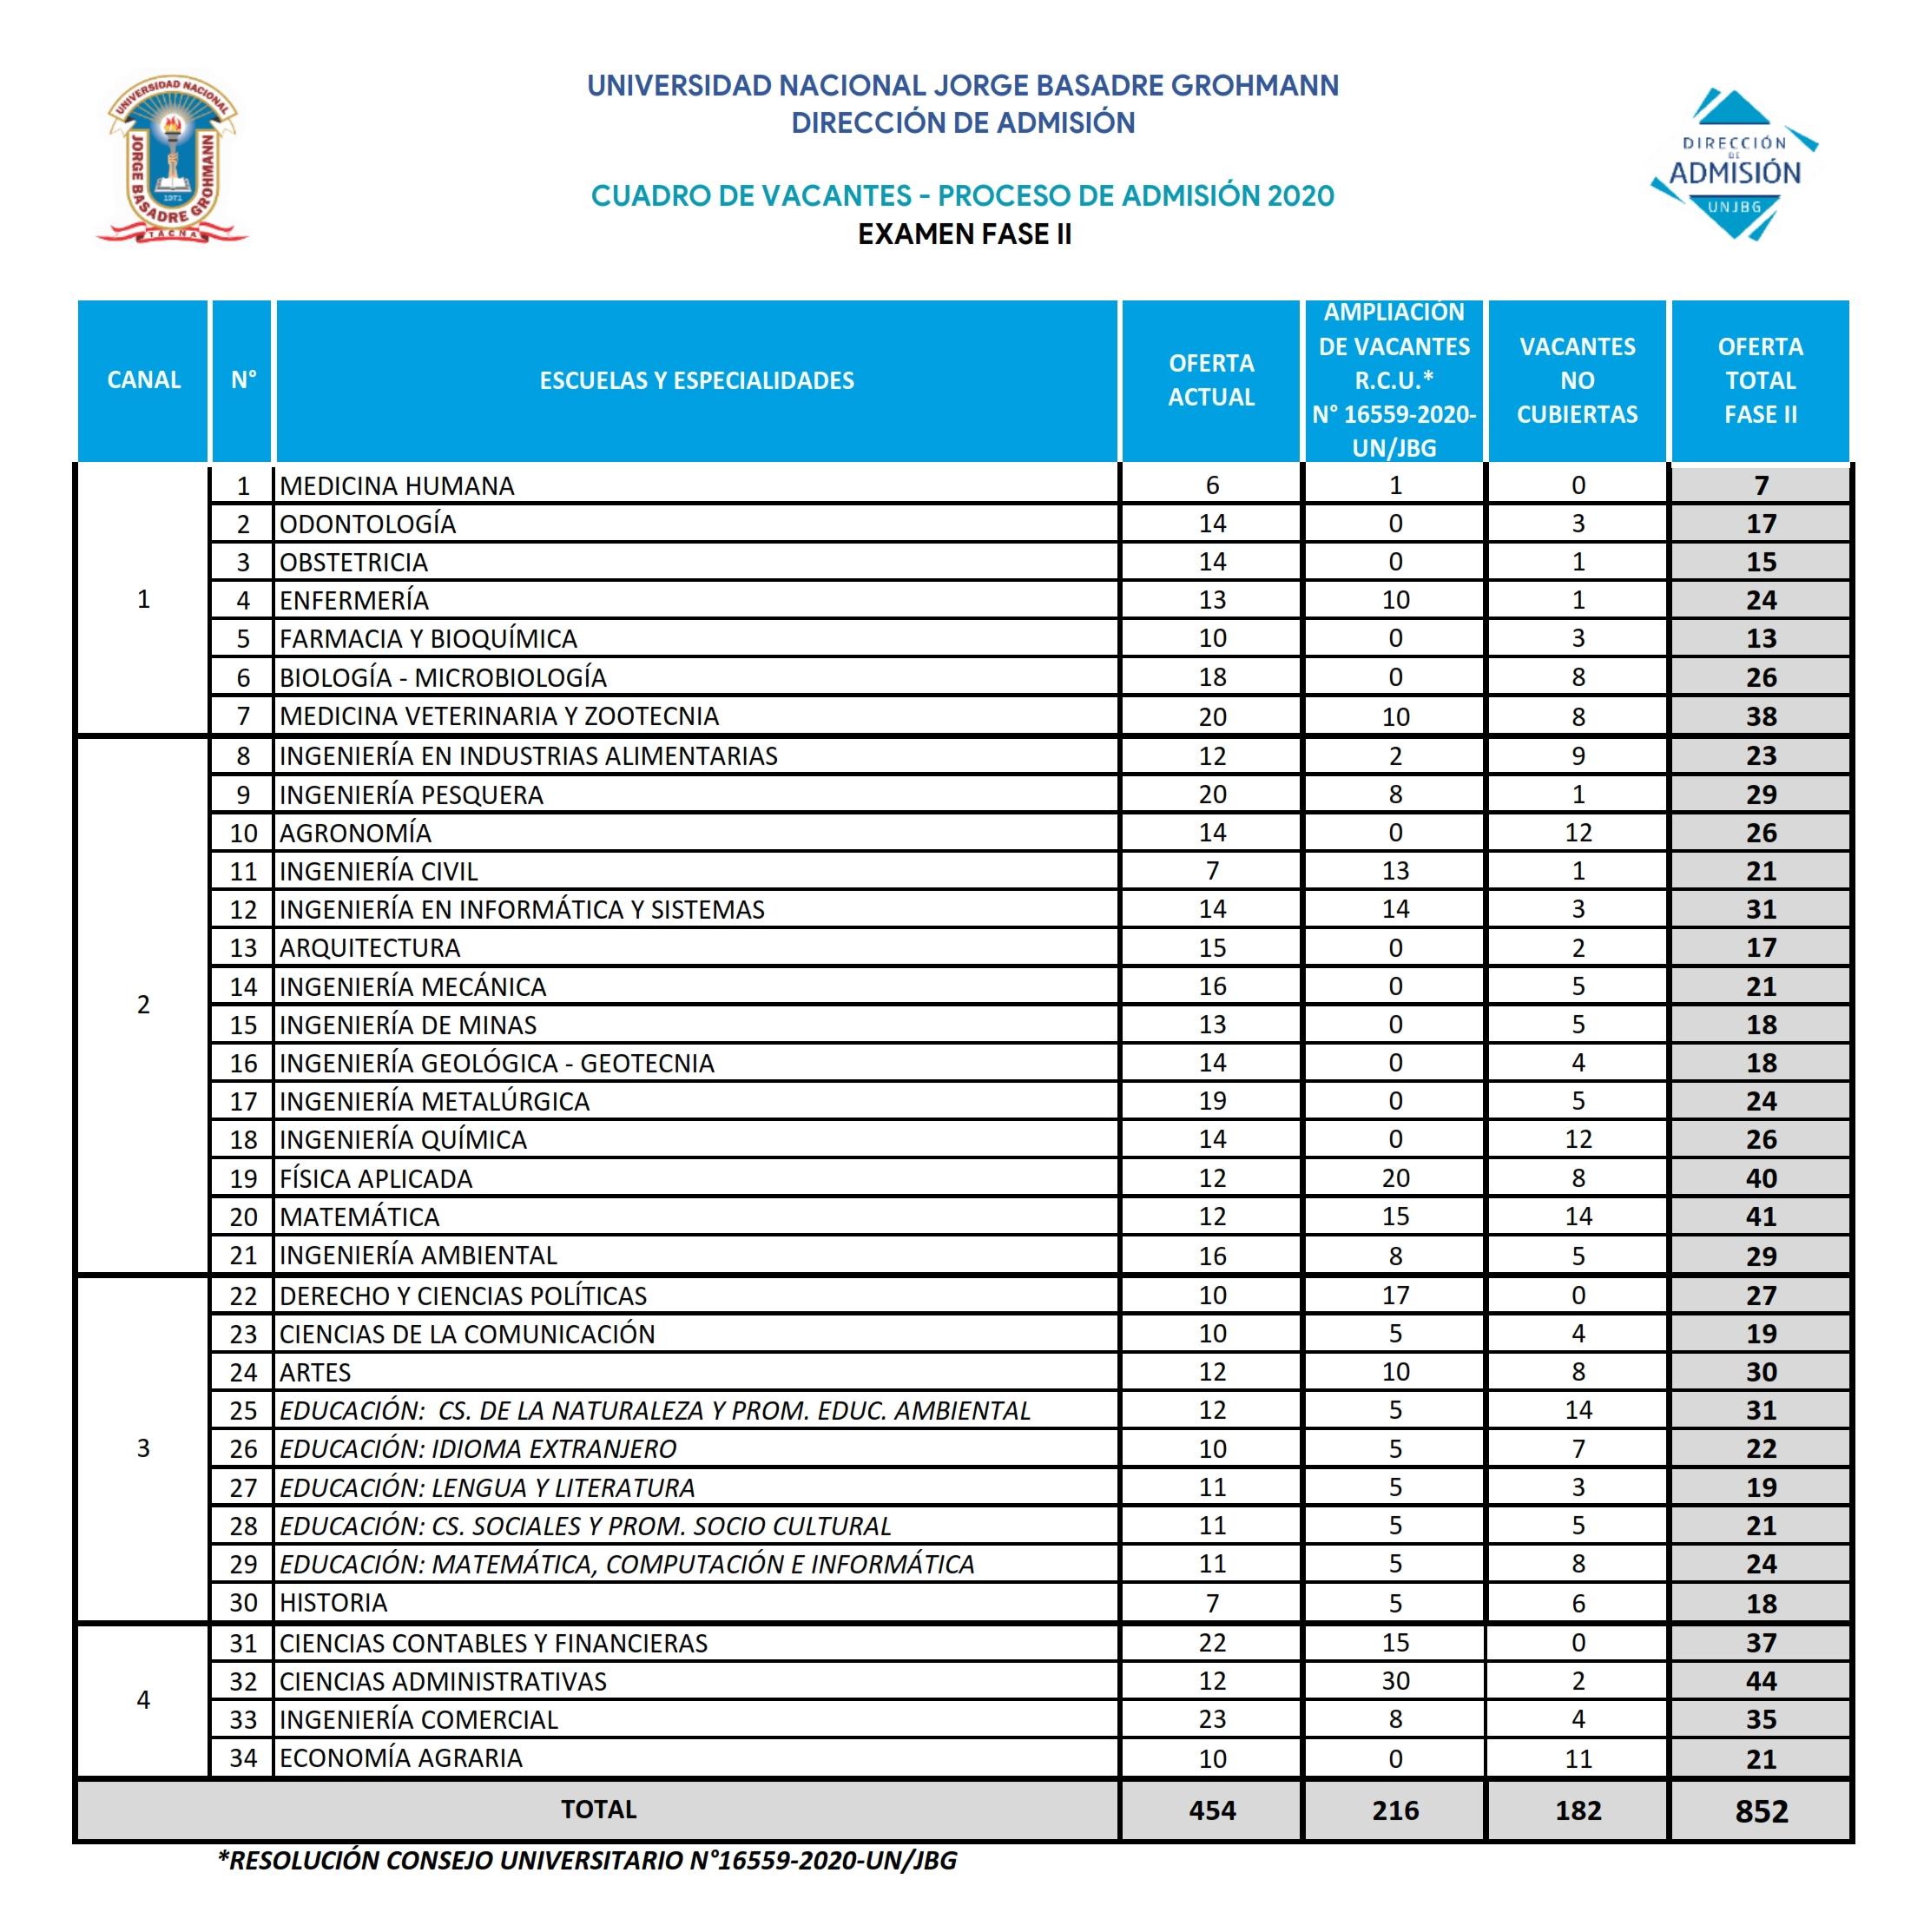 CUADRO DE VACANTES 2020 - CON RR 5637-2019_001